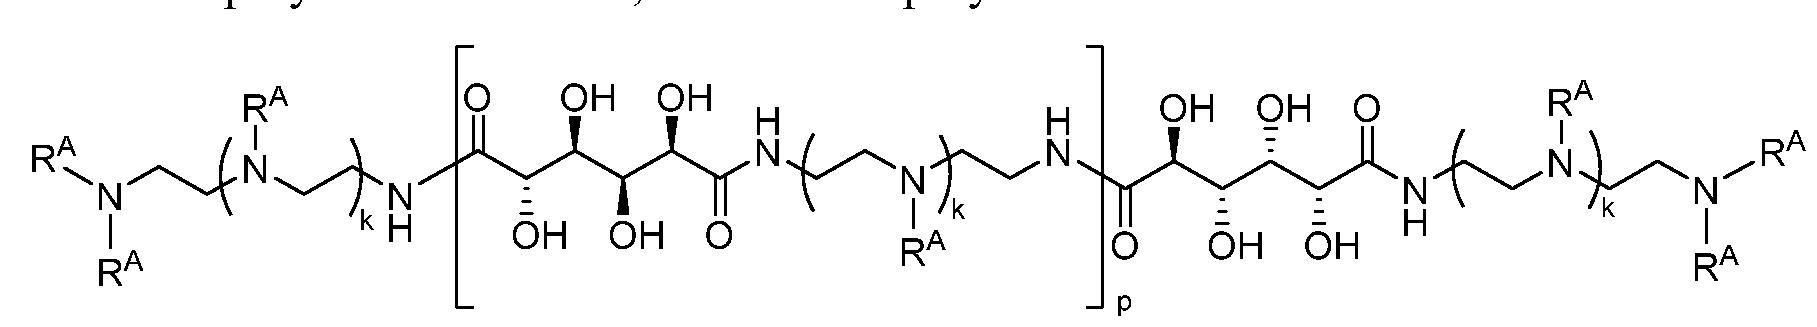 Figure imgf000211_0004